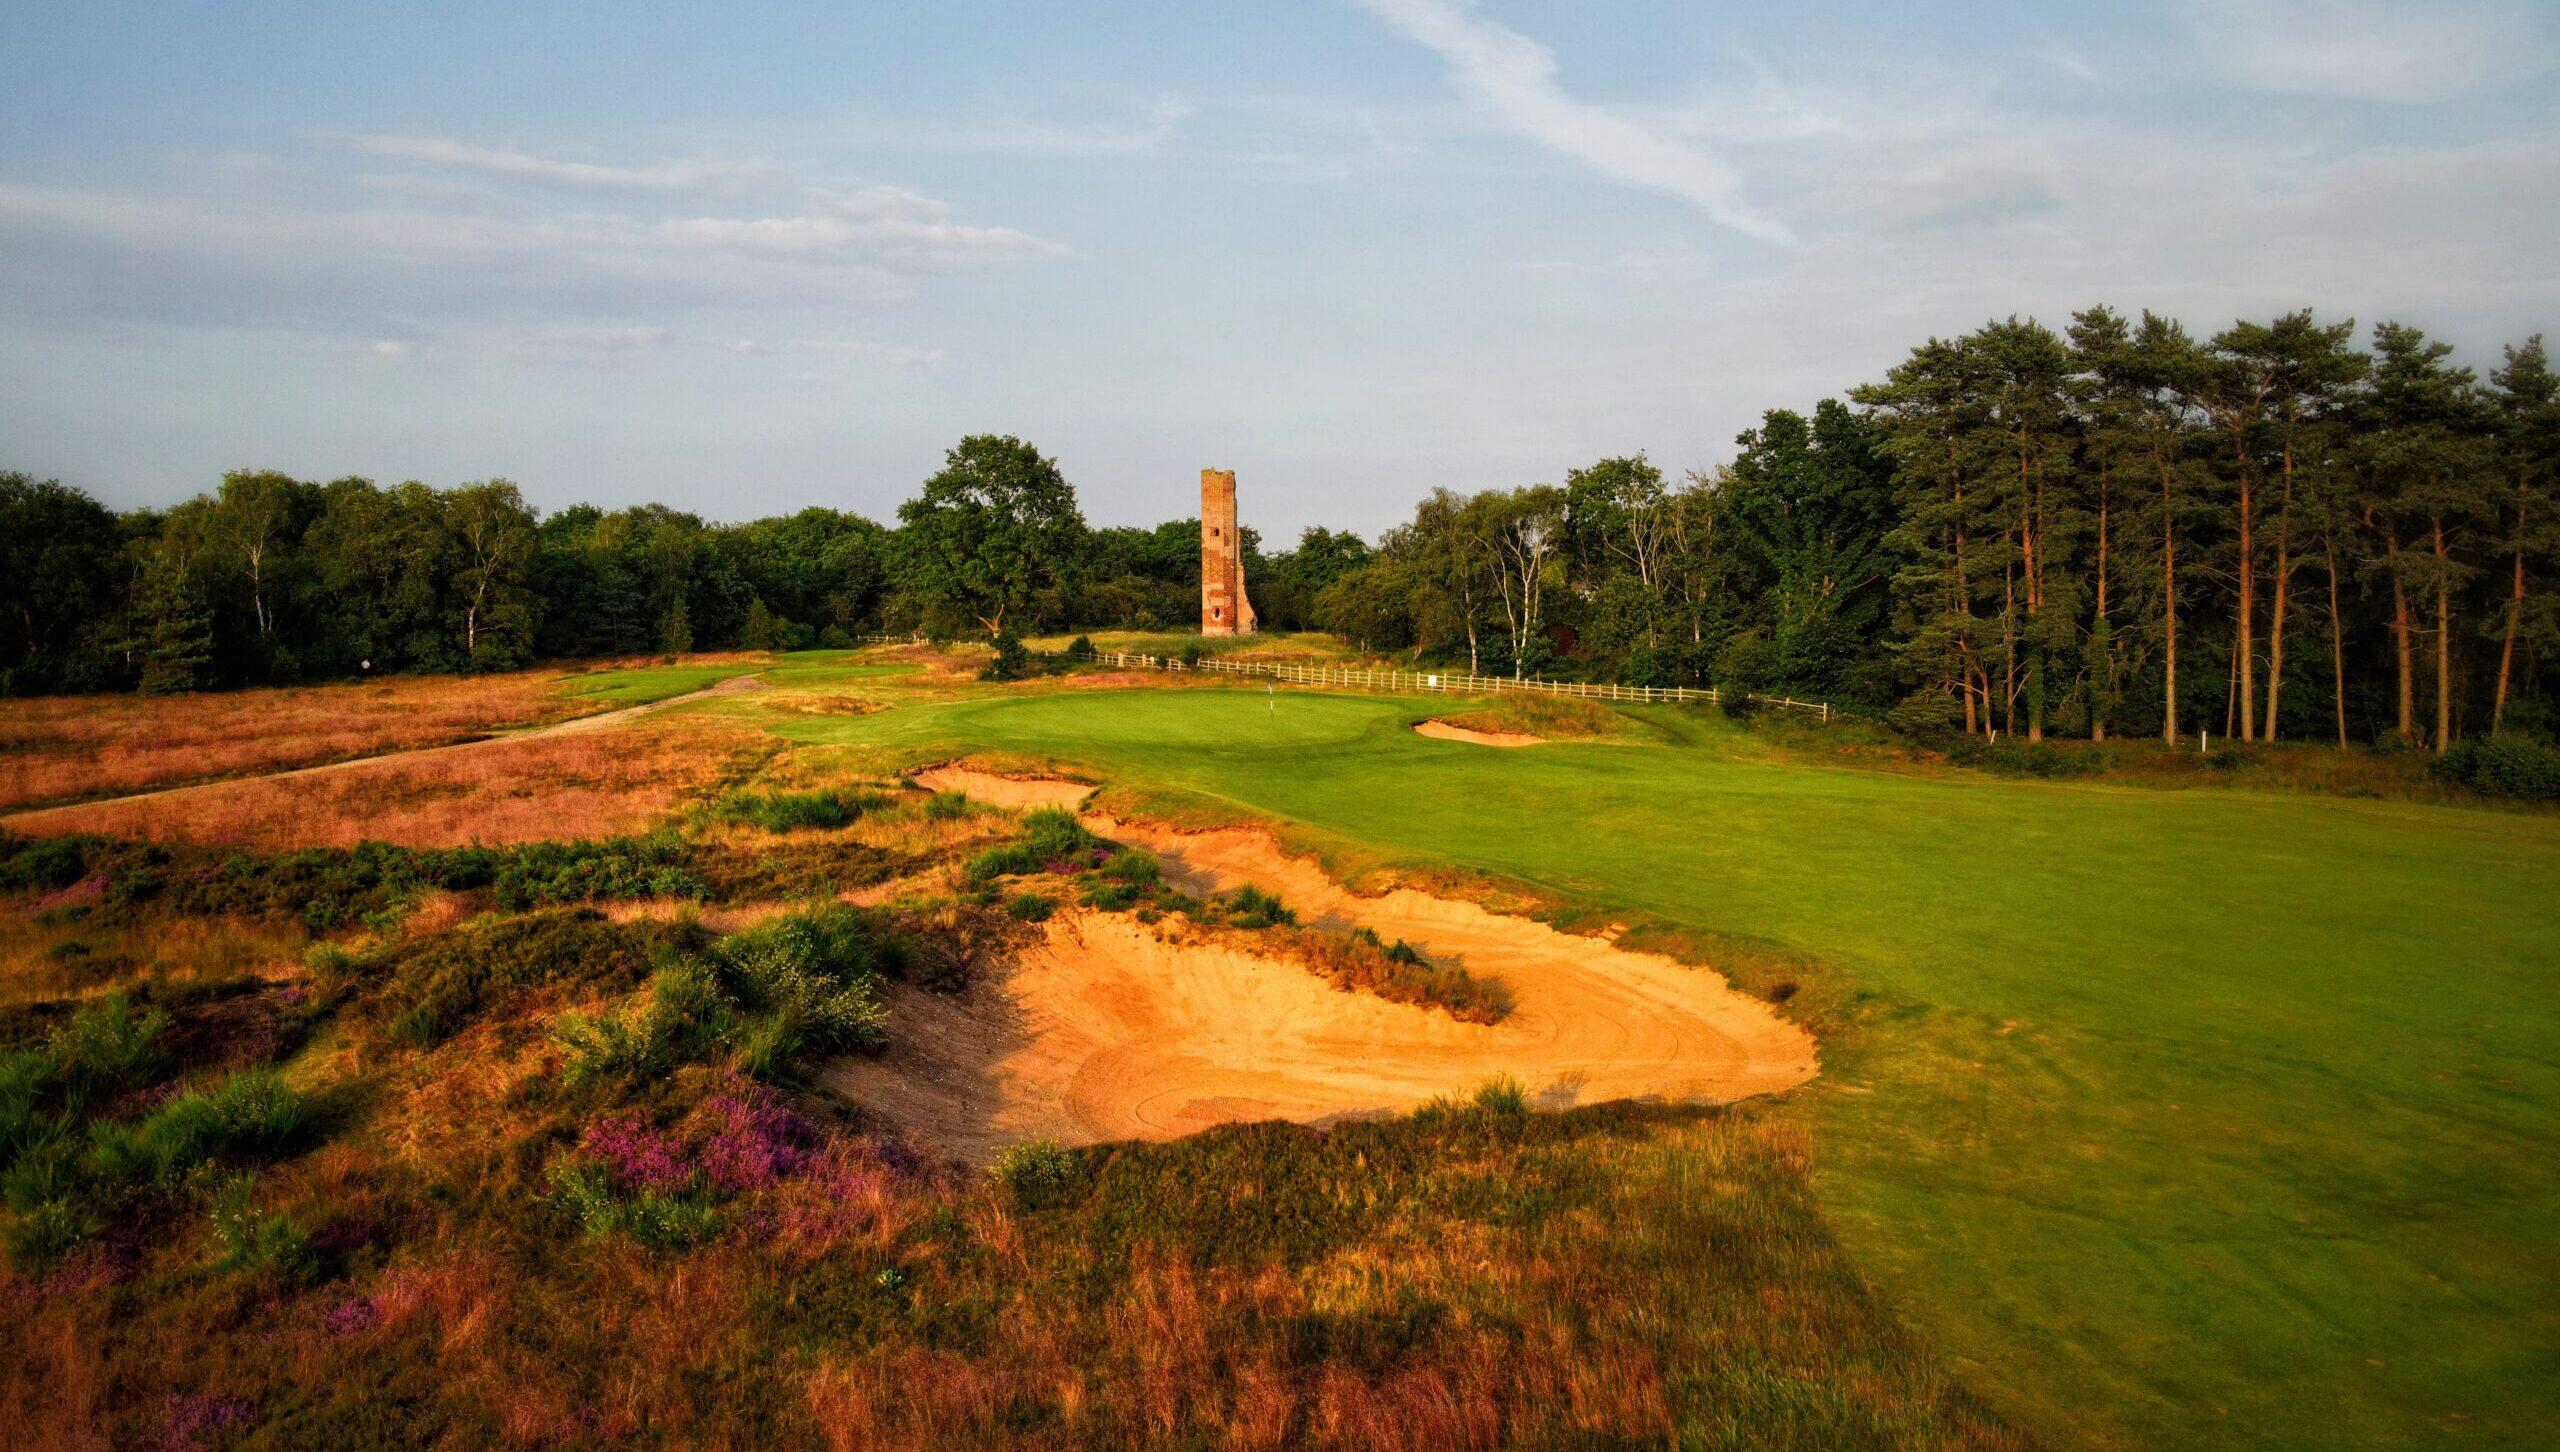 Woodhall Spa Golf Club (Hotchkin Course)